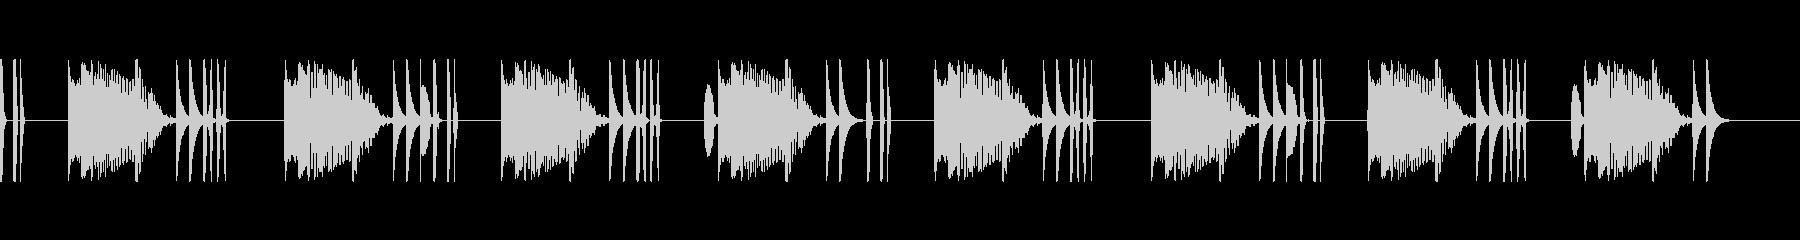 シュール・マヌケな場面の間があるBGMの未再生の波形